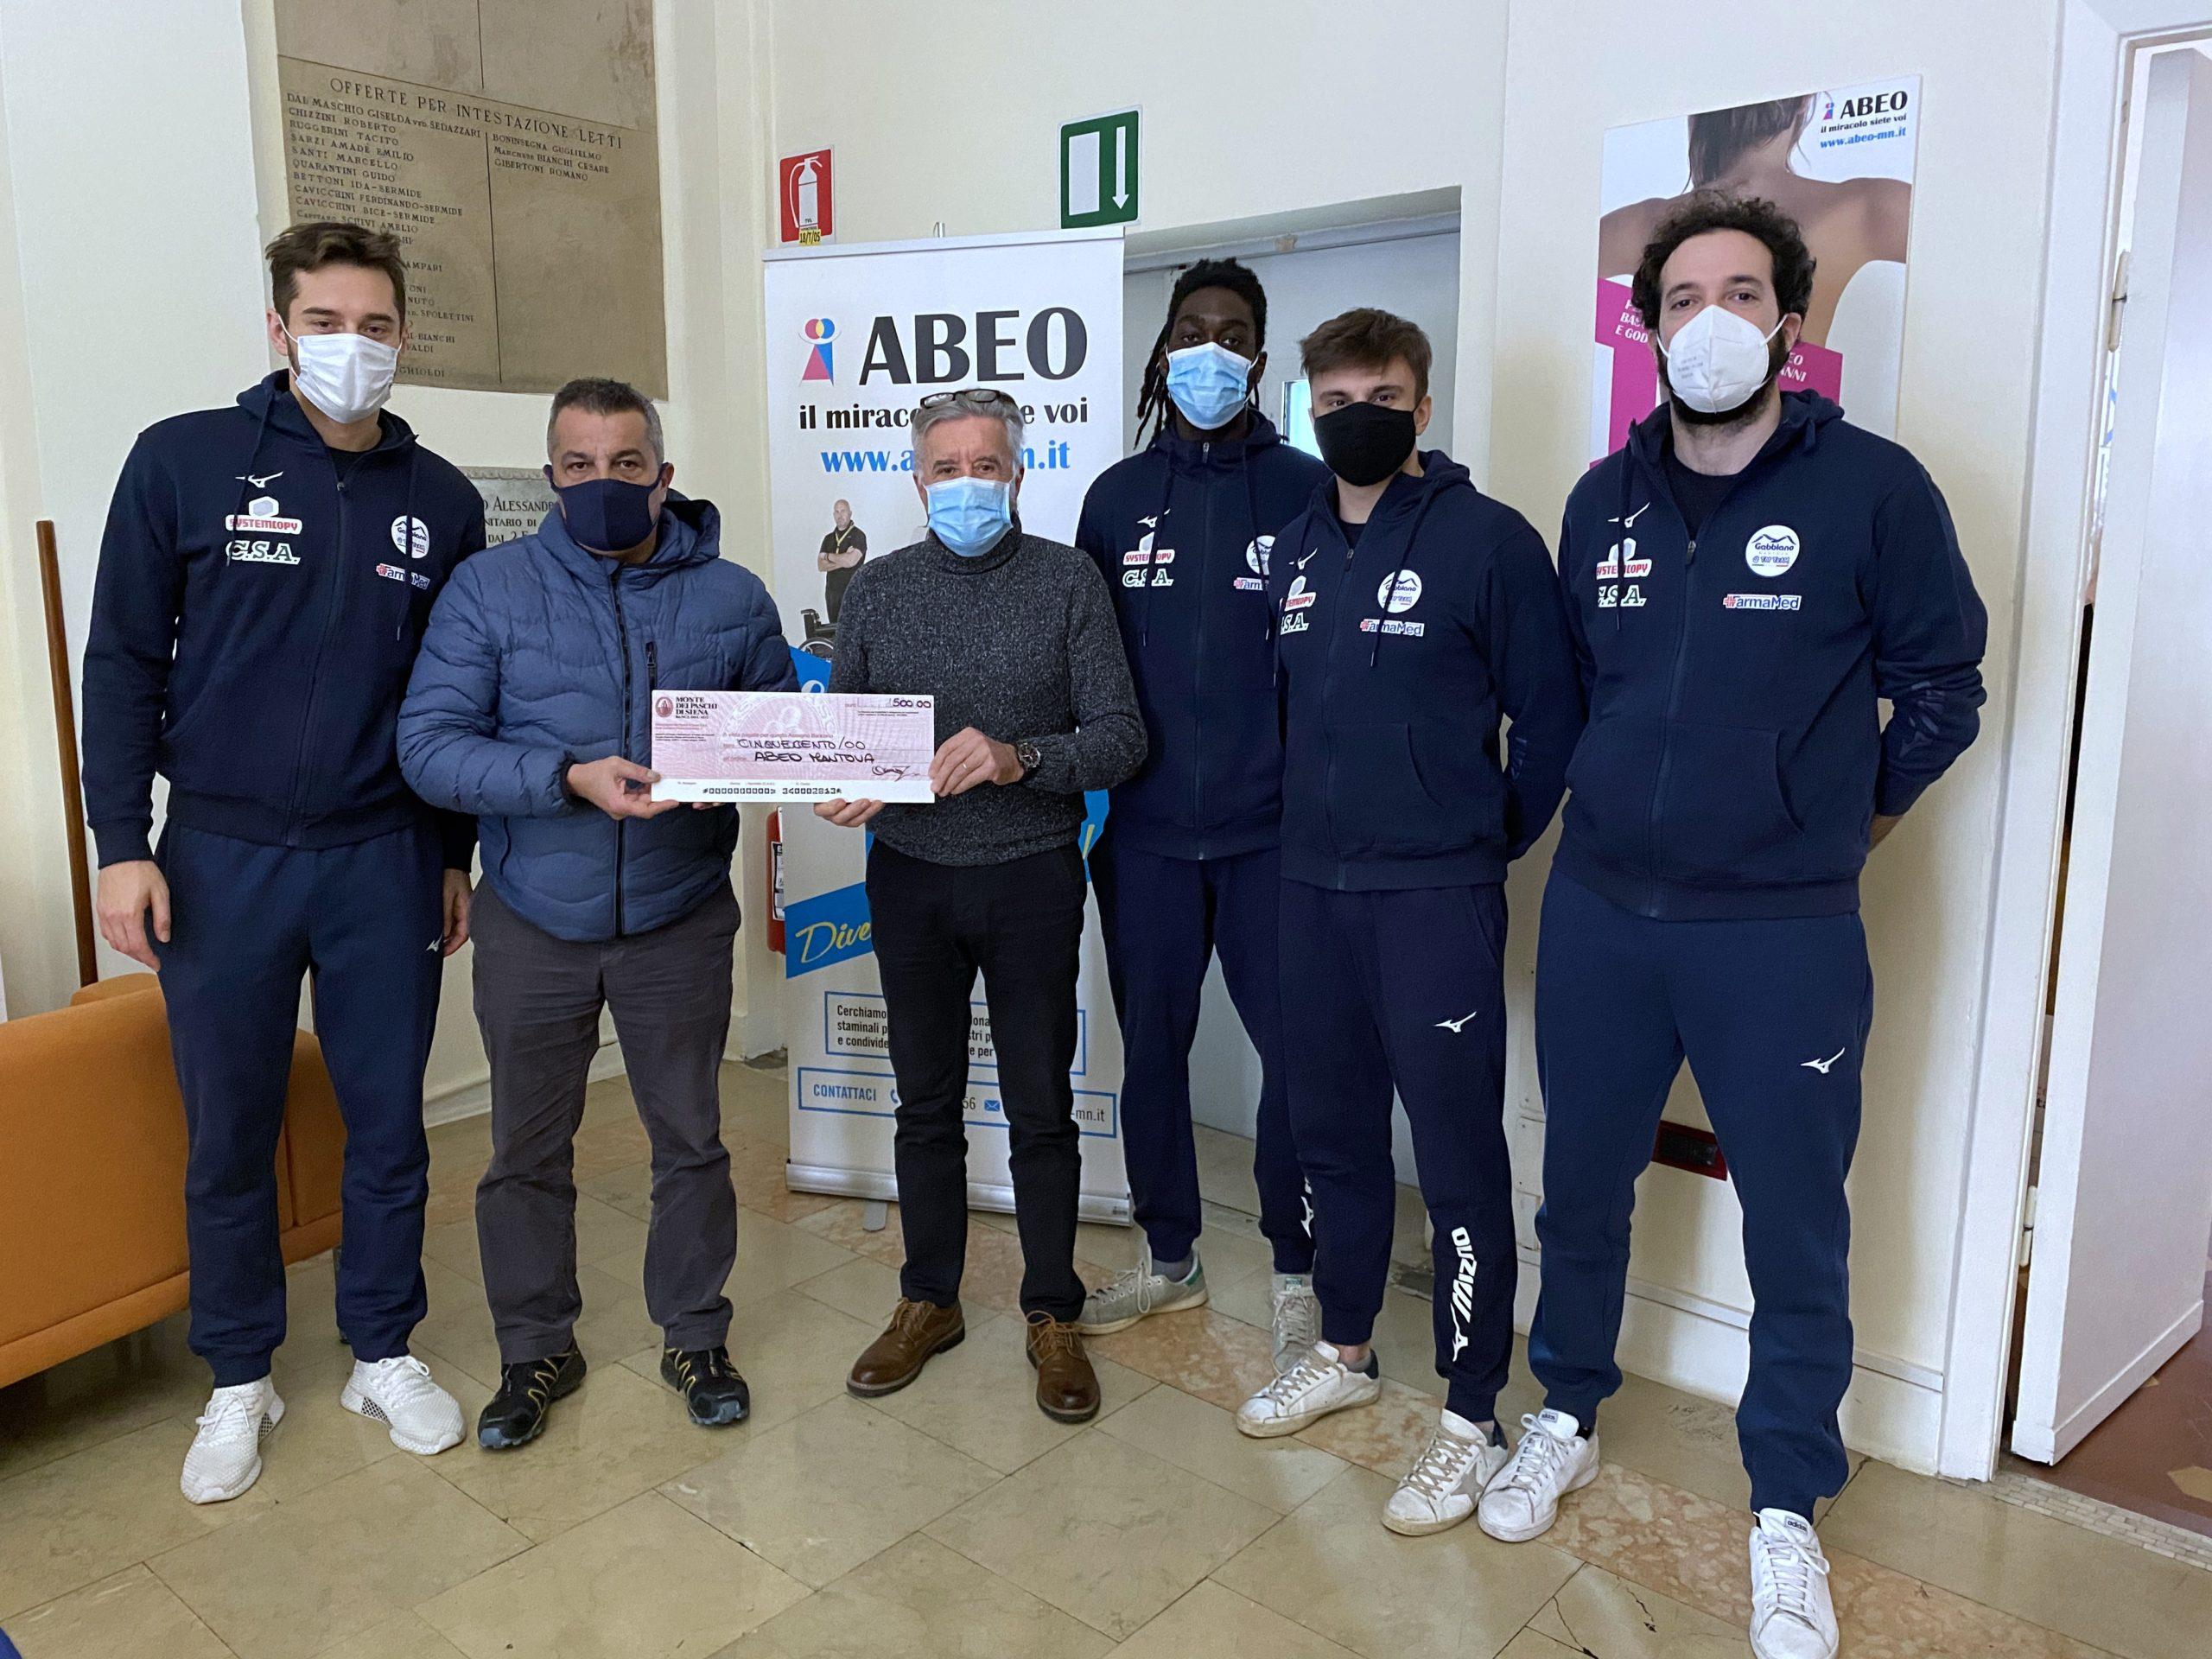 Donazione Abeo Mantova Artoni Sasdelli Pedroni Amouah Fattori